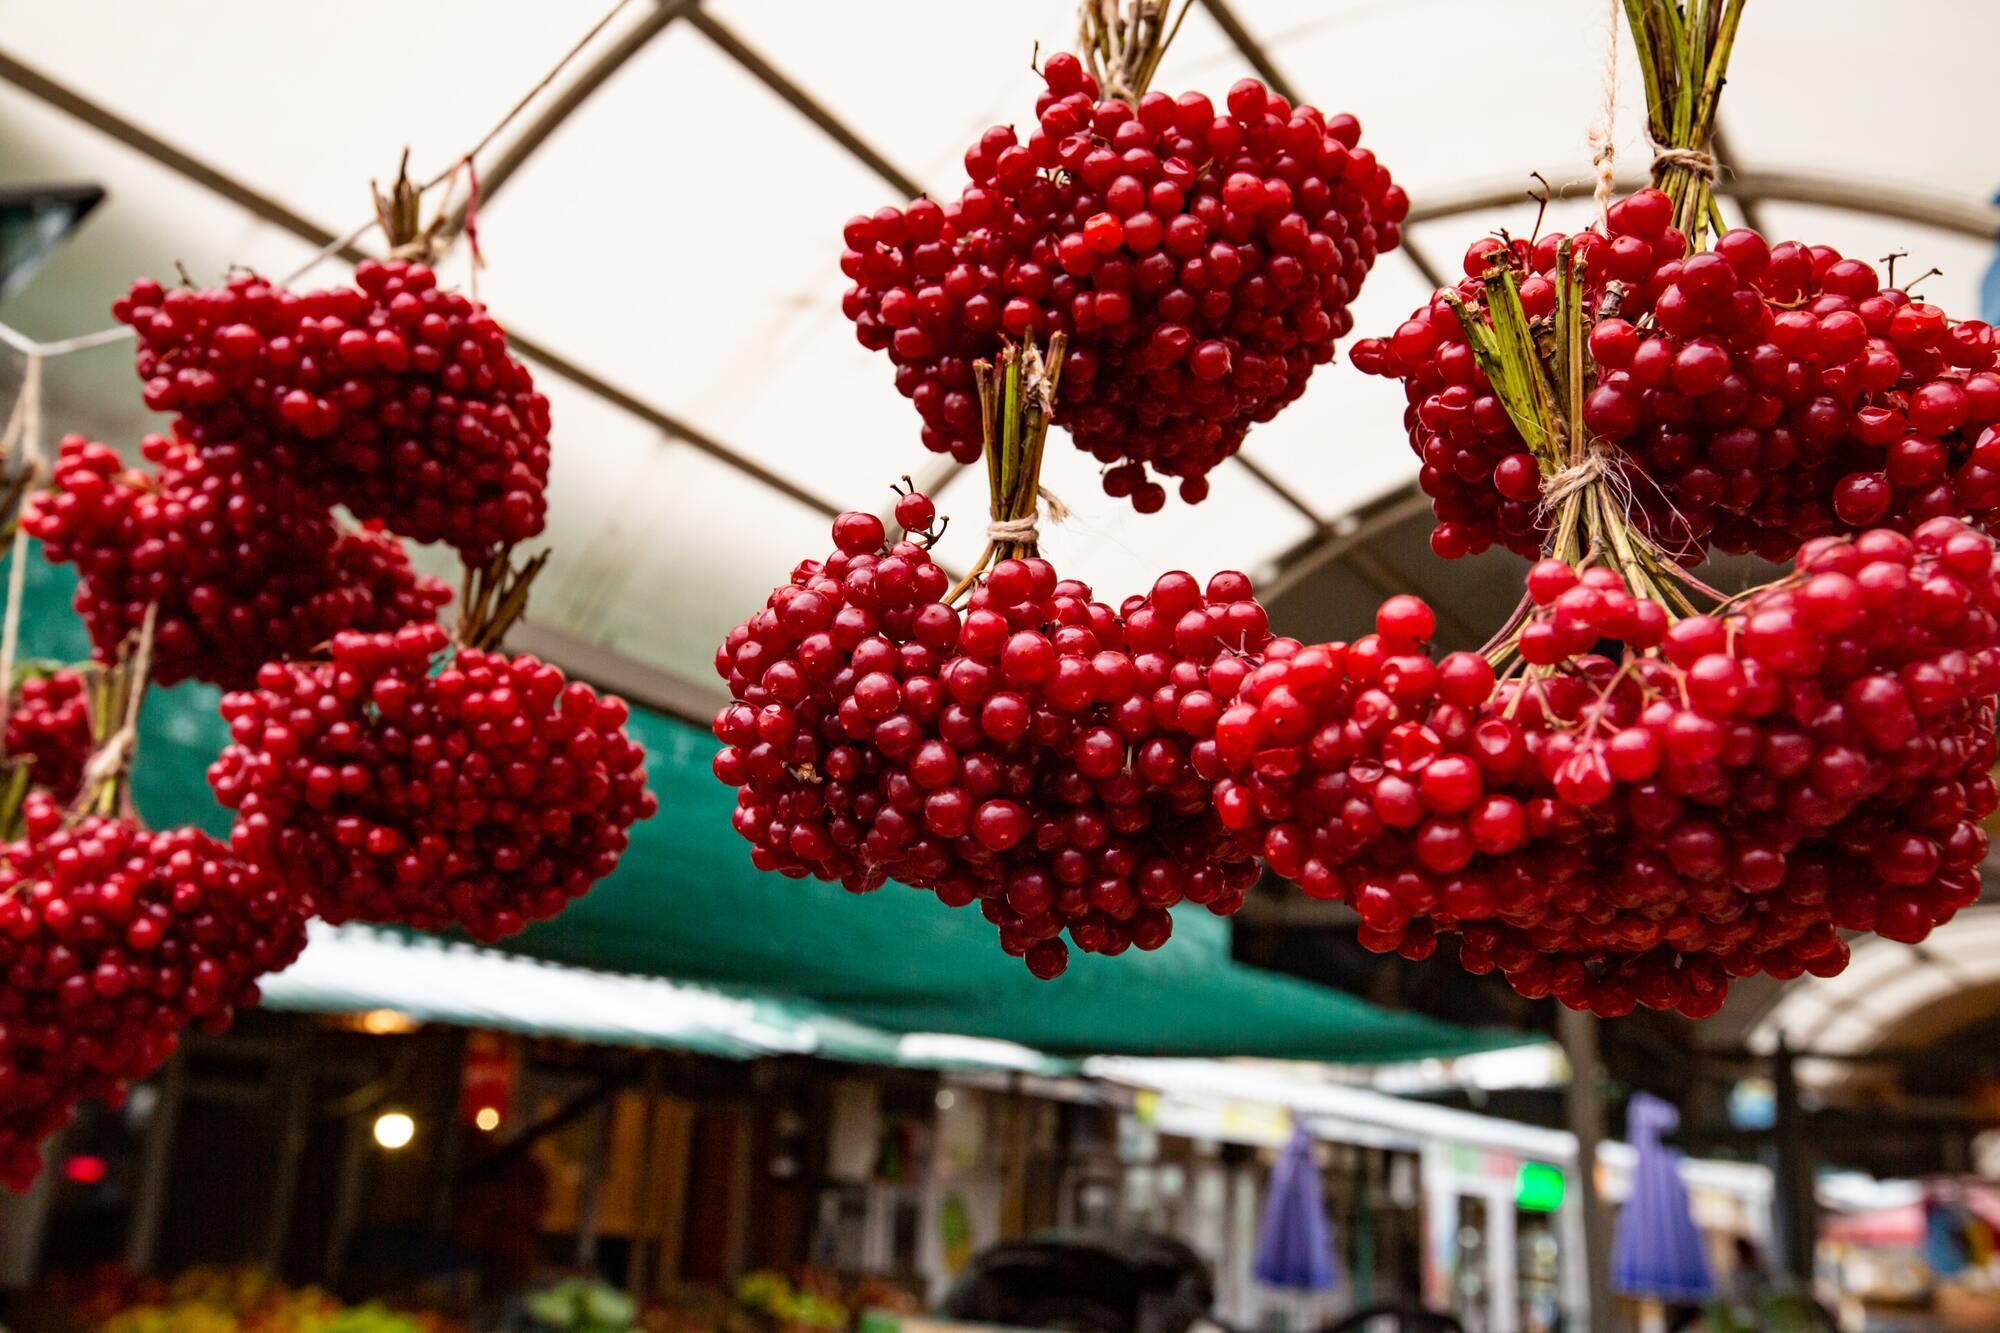 На Калинник обычно поспевают ягоды калины